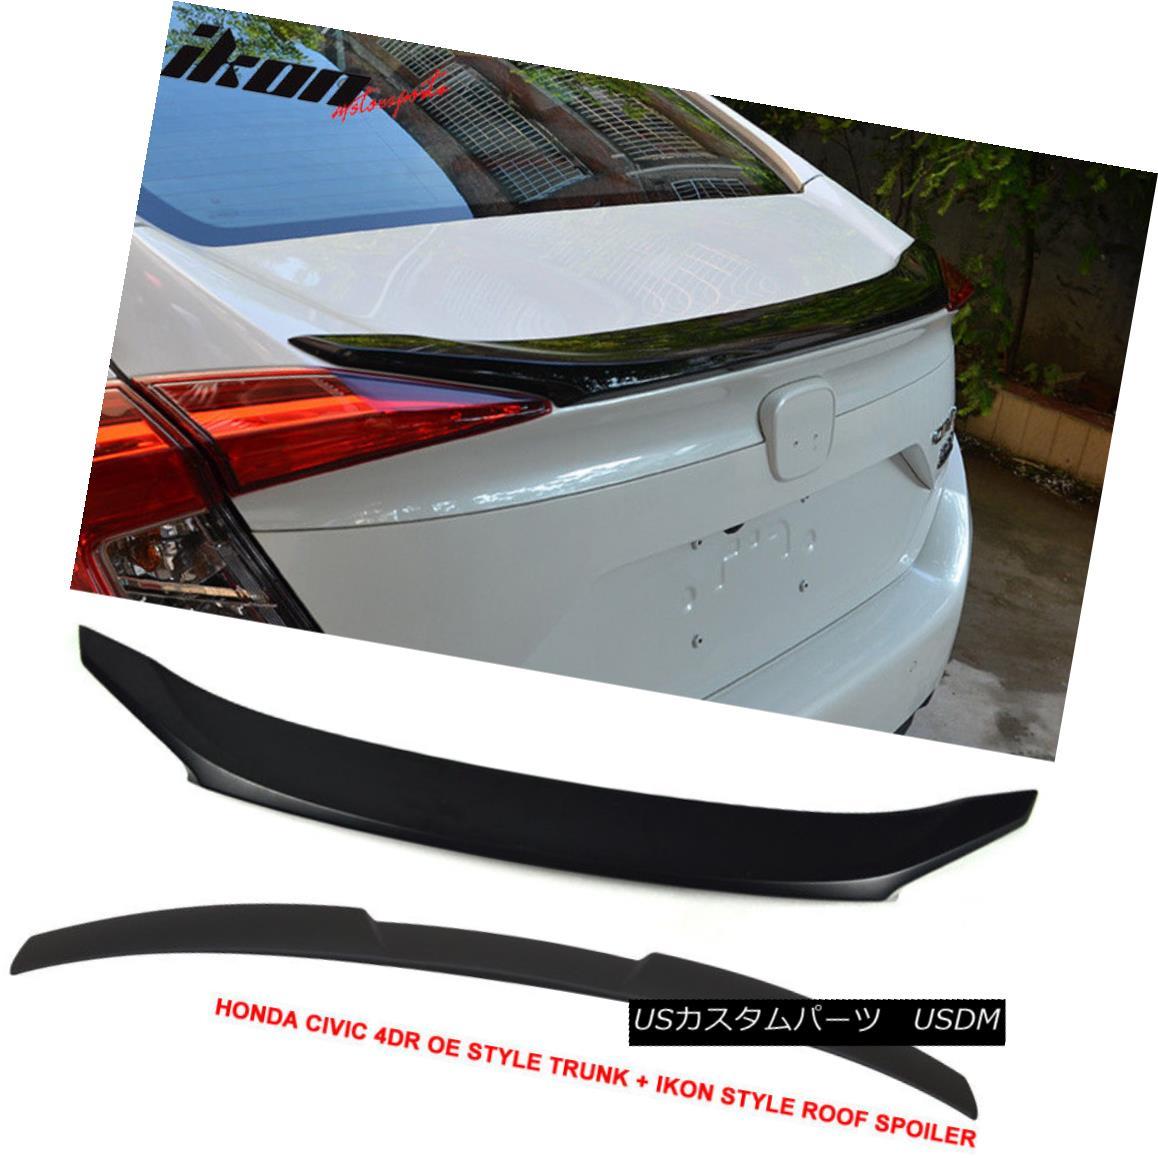 エアロパーツ 16-18 Civic X 10th Gen Sedan OE Trunk Spoiler Decklid + IKON Roof Spoiler Wing 16-18シビックX 10世代セダンOEトランク・スポイラーデッキ+ IKONルーフ・スポイラー・ウィング